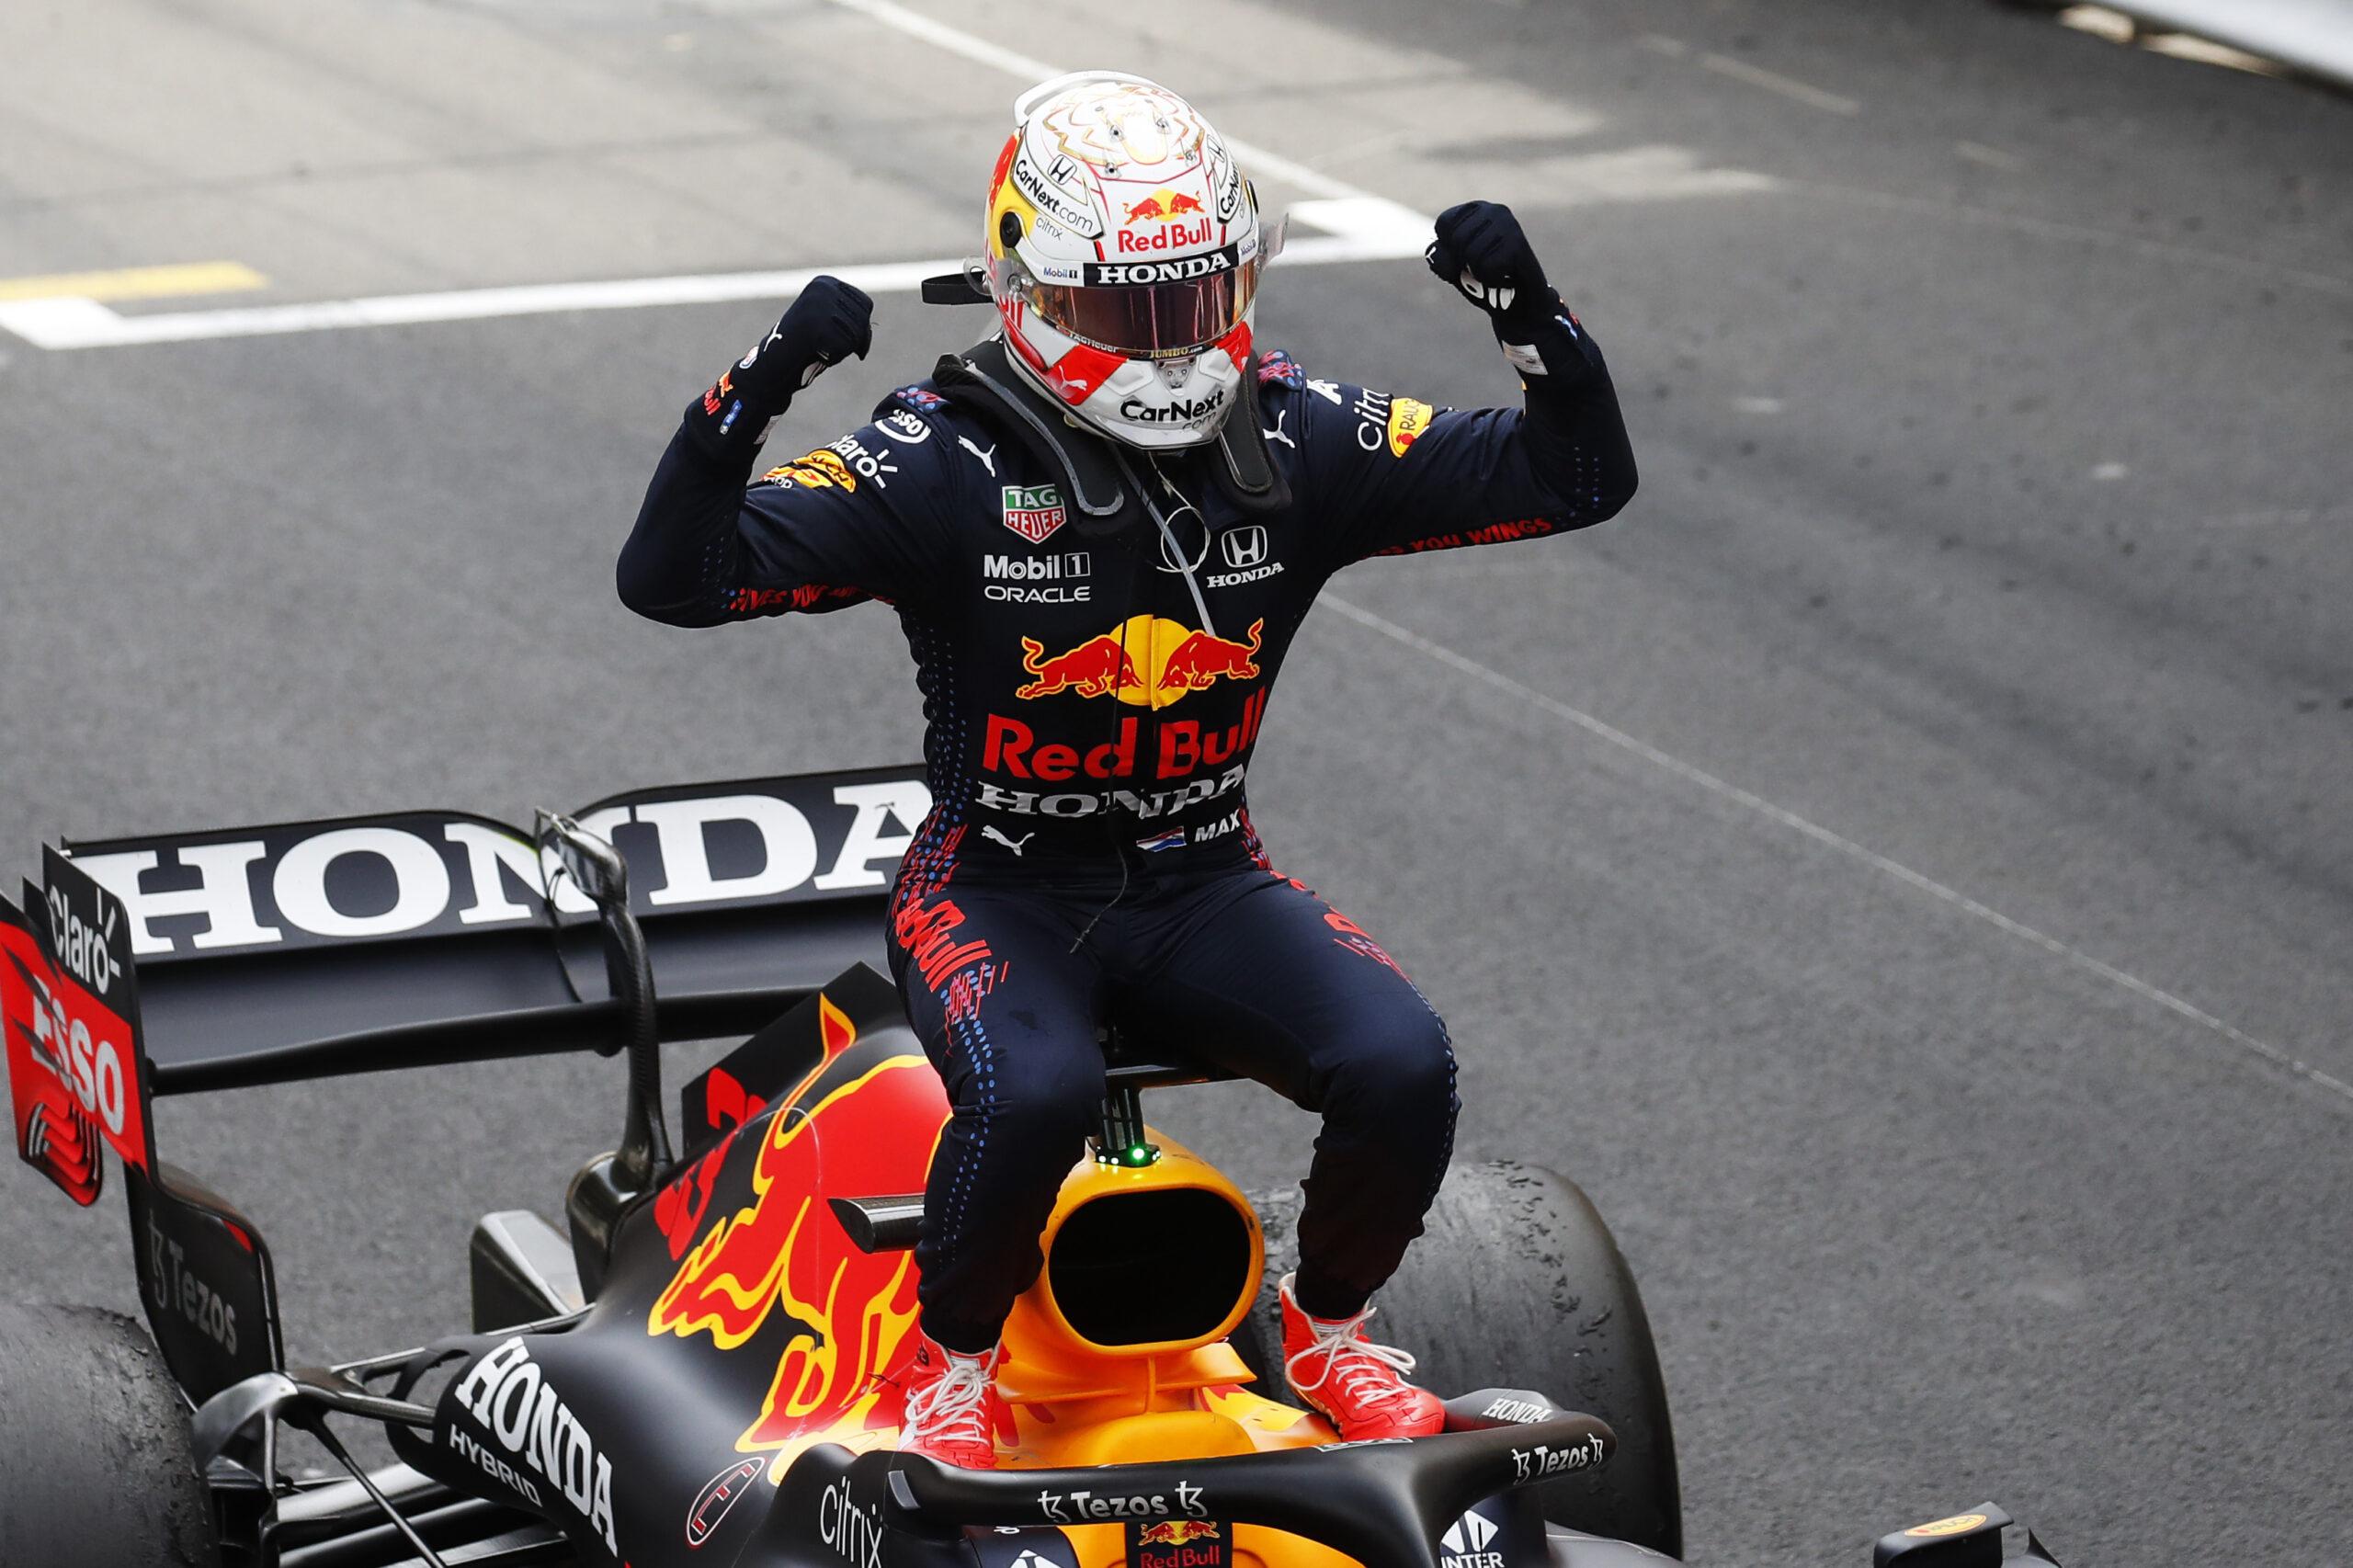 Monegaskische GP Feiten & Statistieken: Verstappen pakt records en primeurs met snelste winst ooit